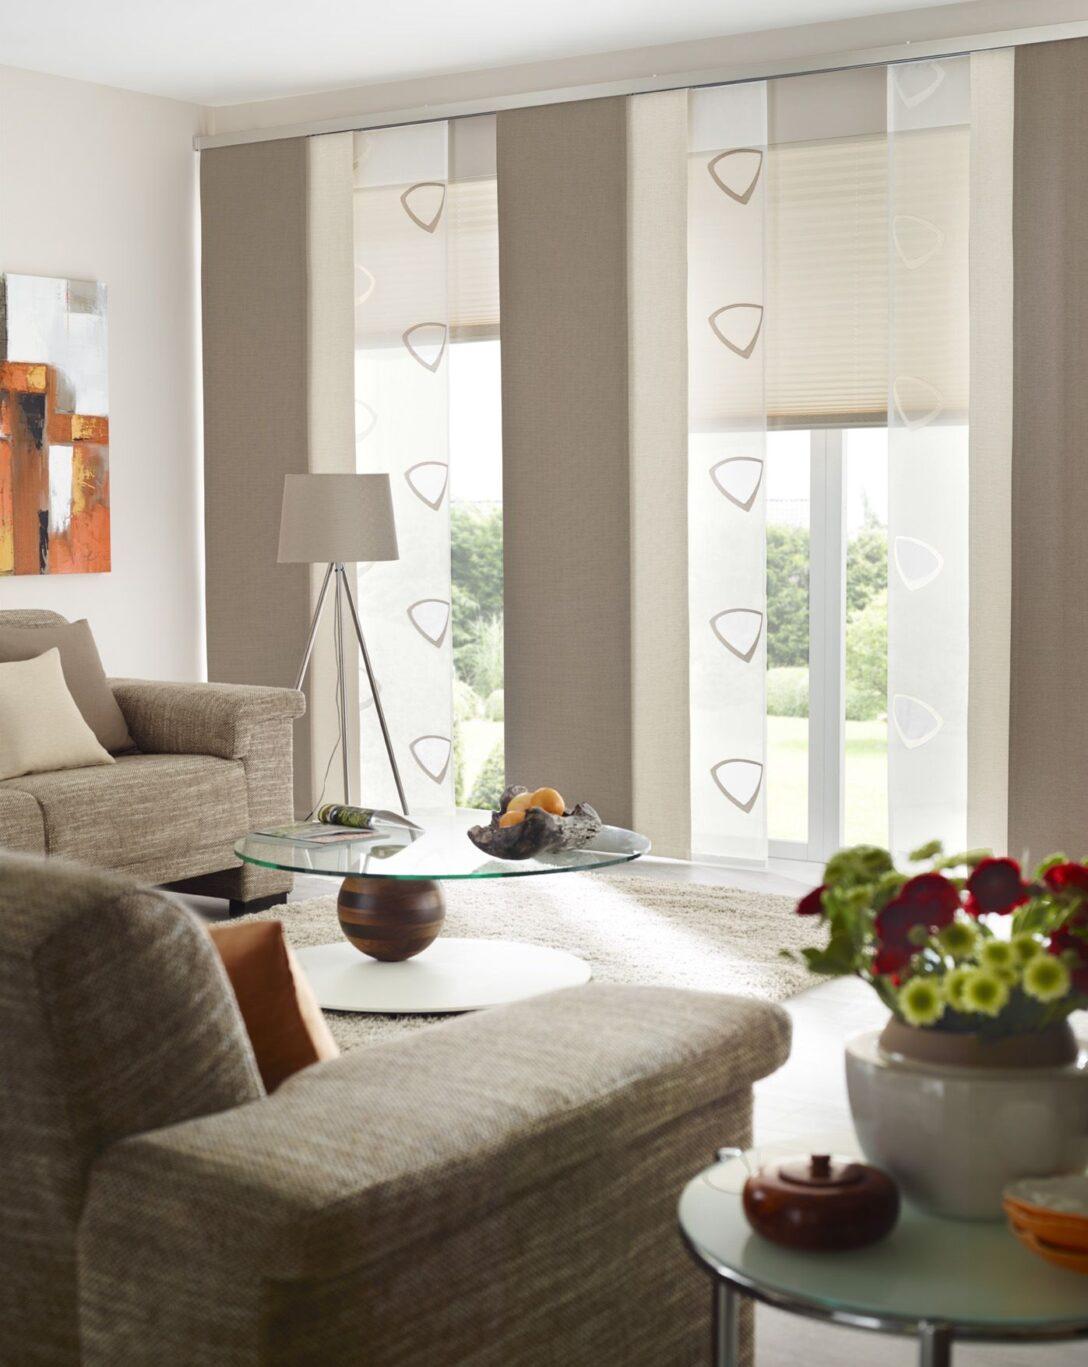 Large Size of Fenster Urbansteel Schlafzimmer Vorhänge Küche Holz Modern Weiss Bett Design Modernes 180x200 Moderne Bilder Fürs Wohnzimmer Esstisch Landhausküche Wohnzimmer Modern Vorhänge